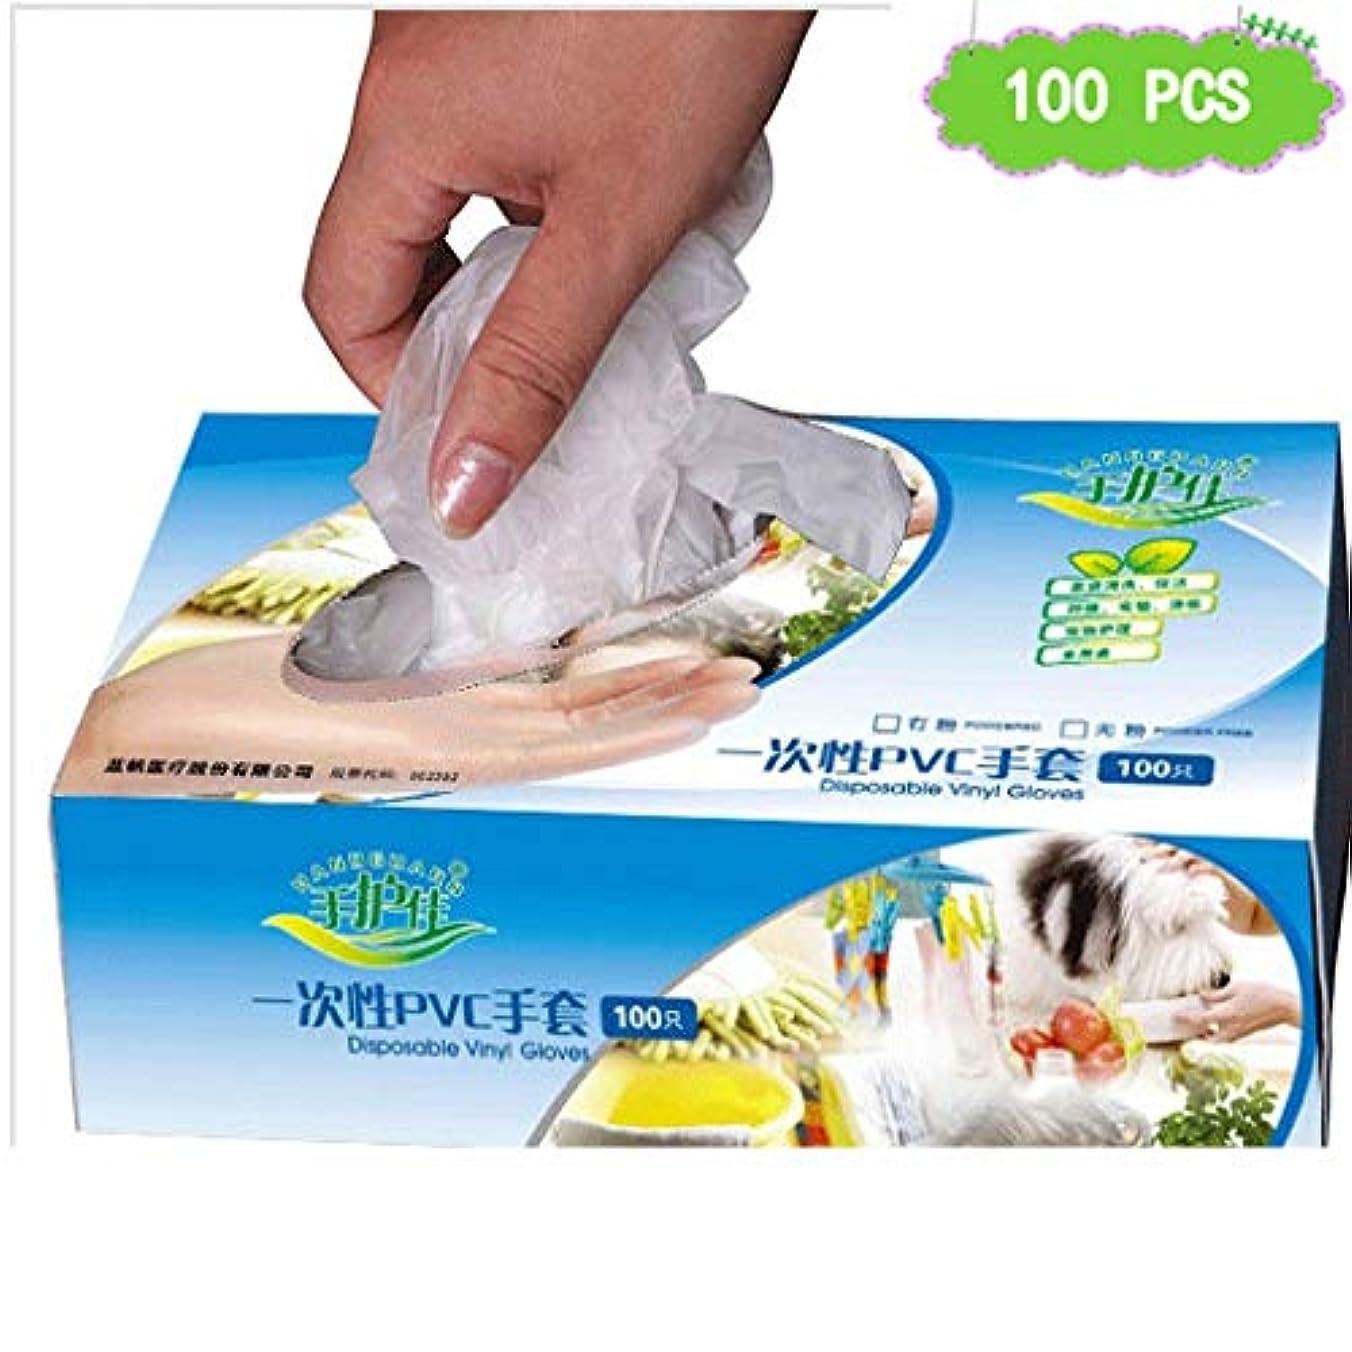 クリーム苦い分割ビニール試験使い捨て手袋ゴム研究所労働保険PVC手袋検査保護実験、ビューティーサロンラテックスフリー、パウダーフリー、両手利き、100個 (Size : M)